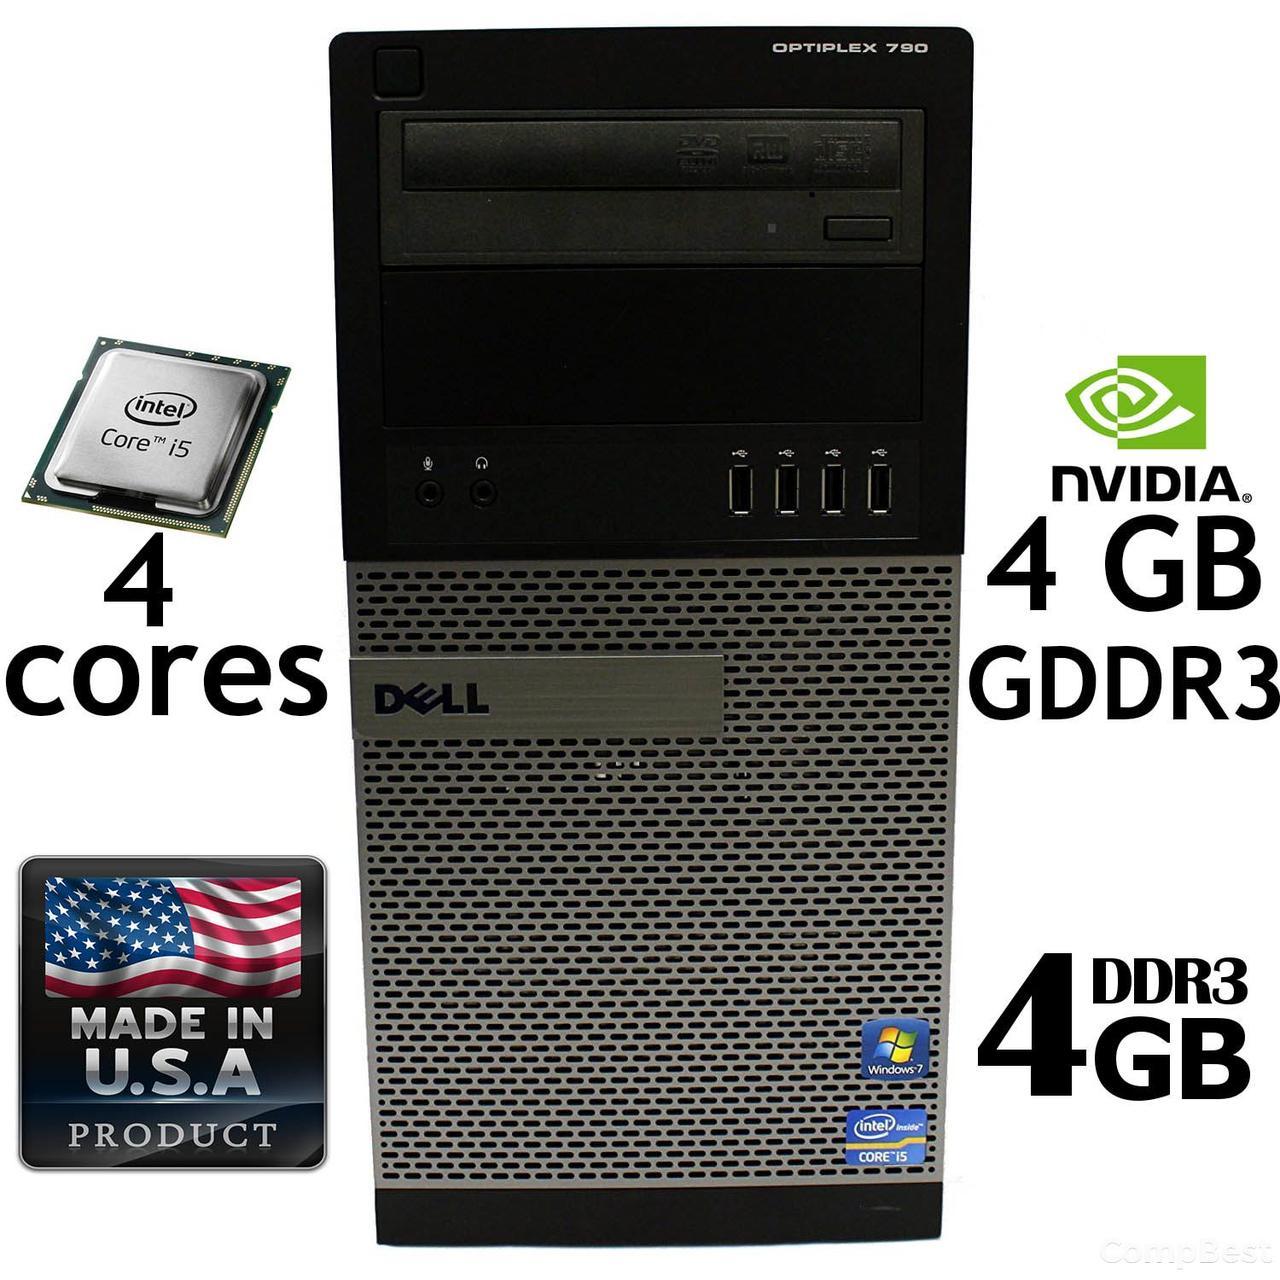 Игровой Dell 790 Tower / Intel i5-2500 (3.3GHz, 6MB Cache) / 4 GB RAM DDR3 / 250 GB HDD / GeForce GT 730 4 GB